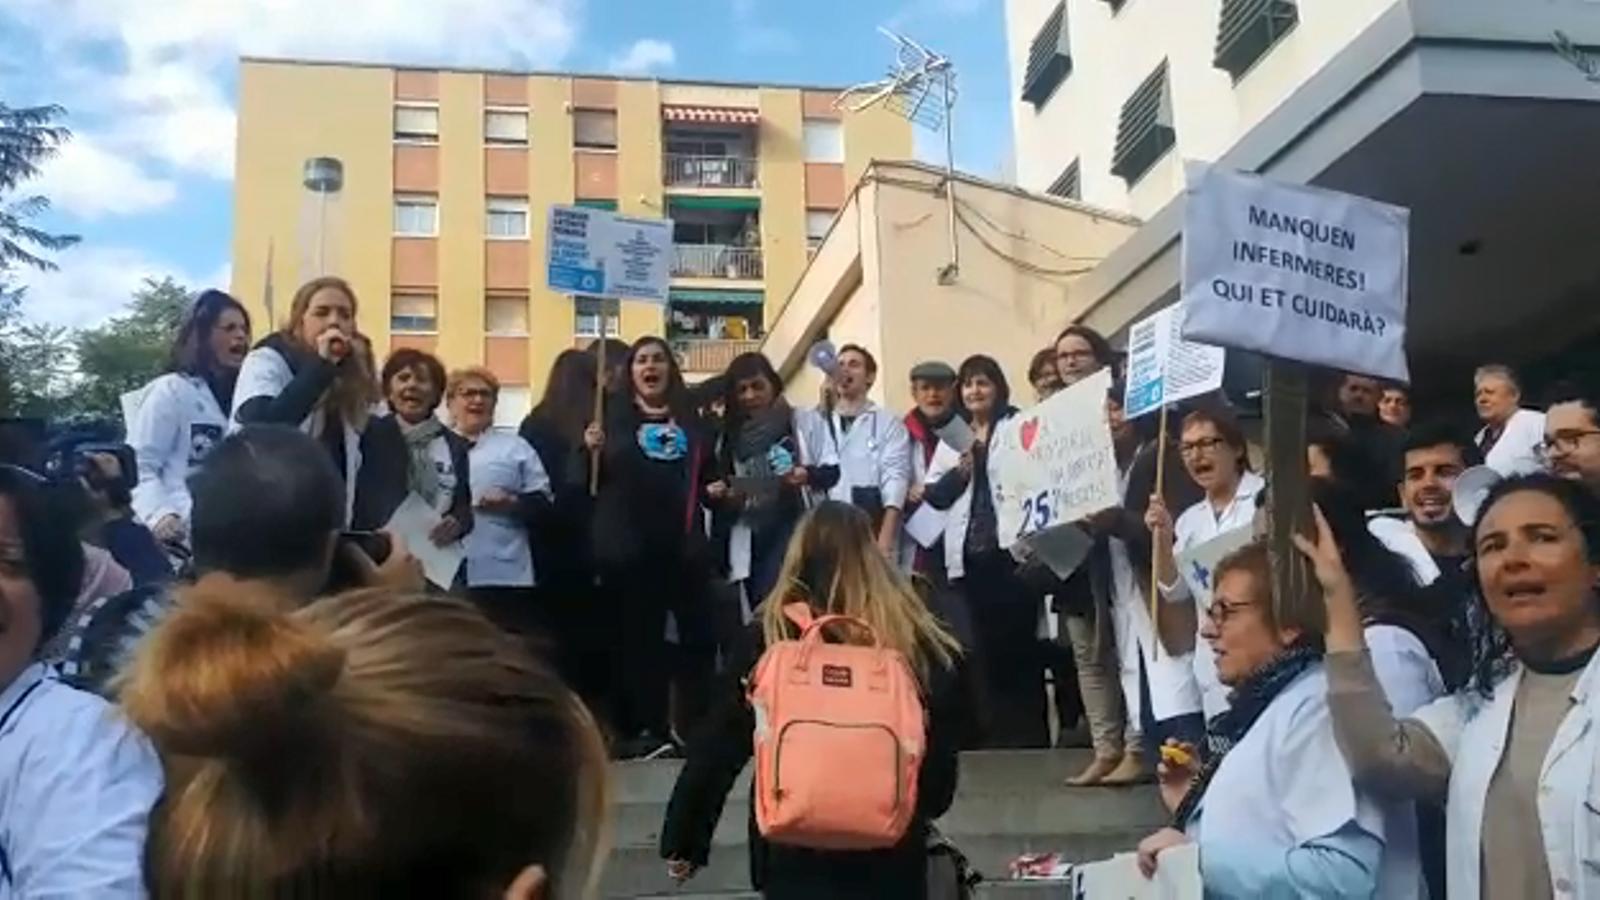 La sanitat concertada i una vintena de CAP de l'ICS continuen de vaga